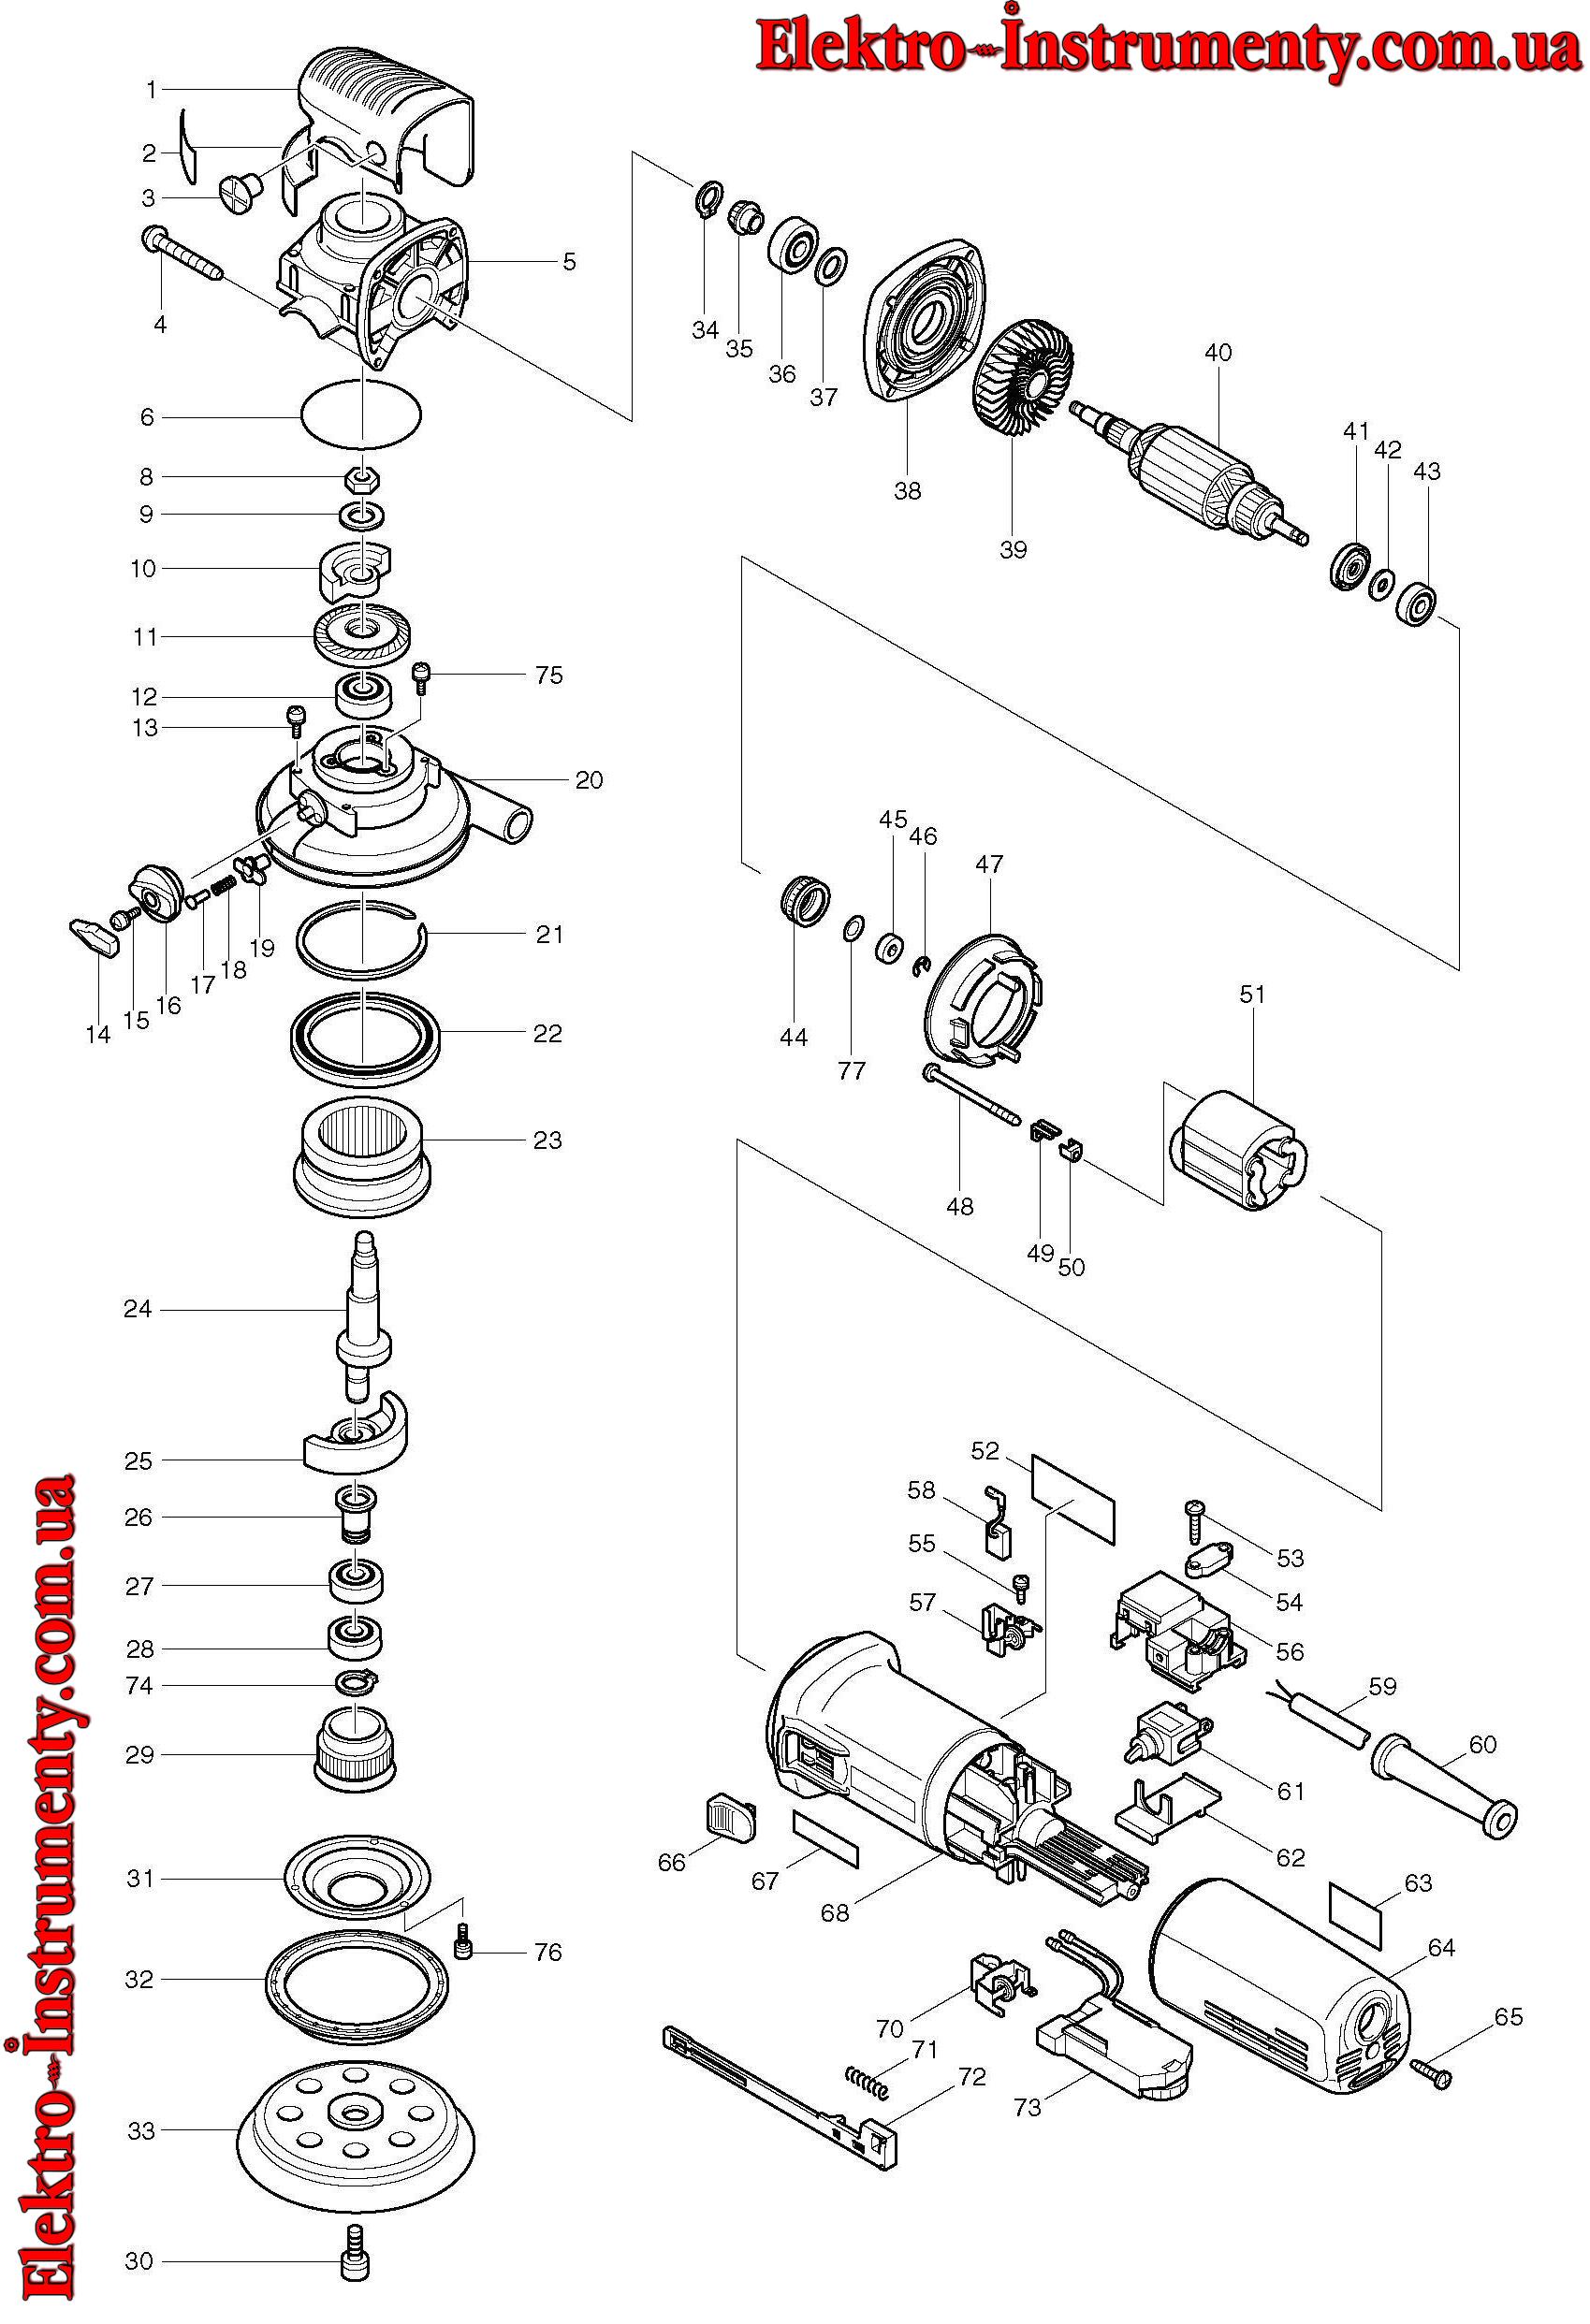 Запчасти и схемы эксцентриковых шлифмашин бош